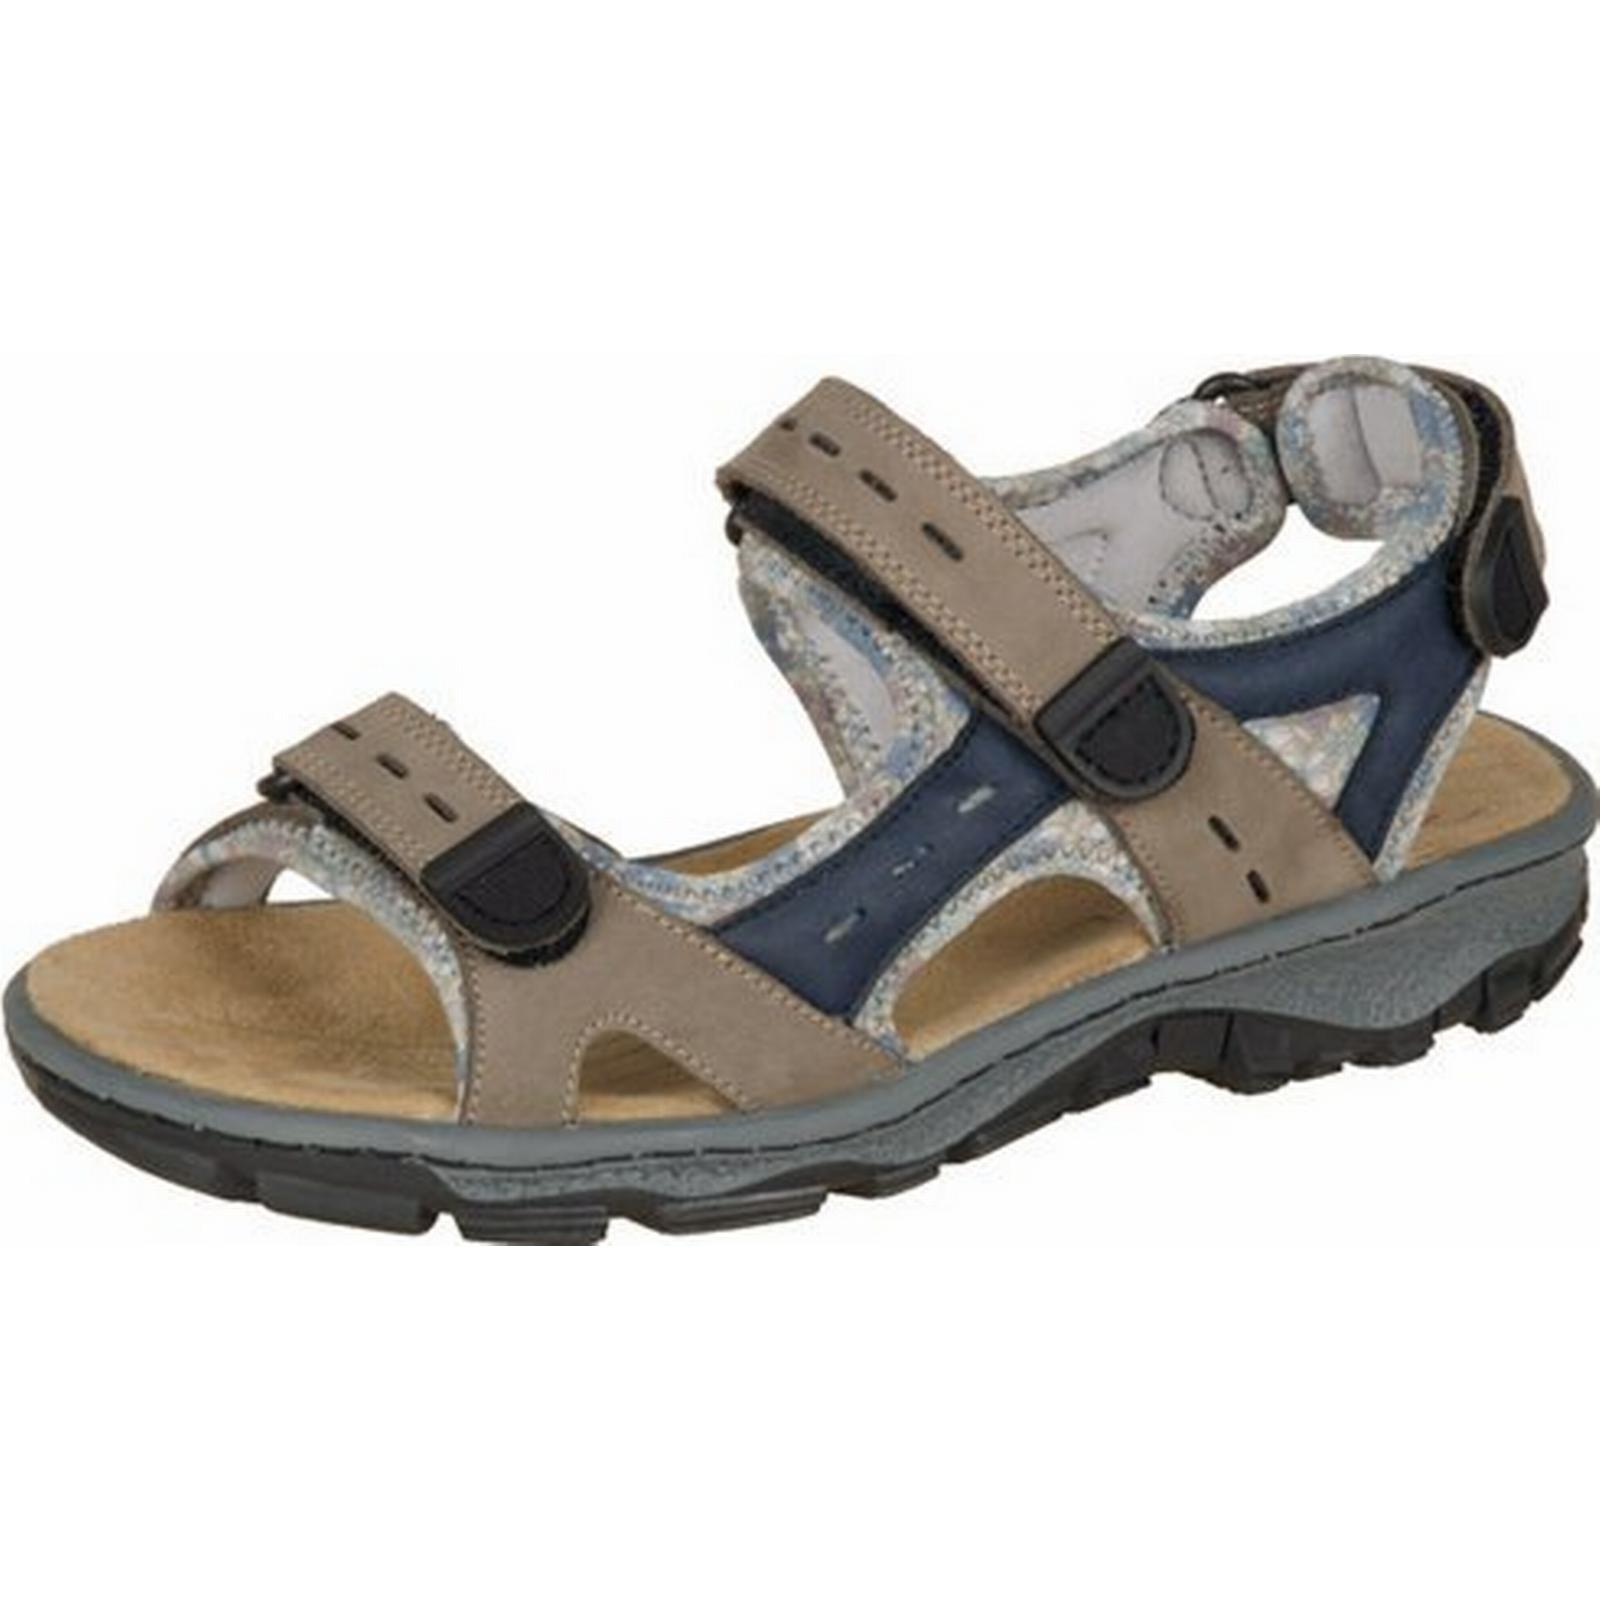 rieker sportstar rieker mesdames sandales 39, de sport taille: 39, sandales couleur sable c7c5ac